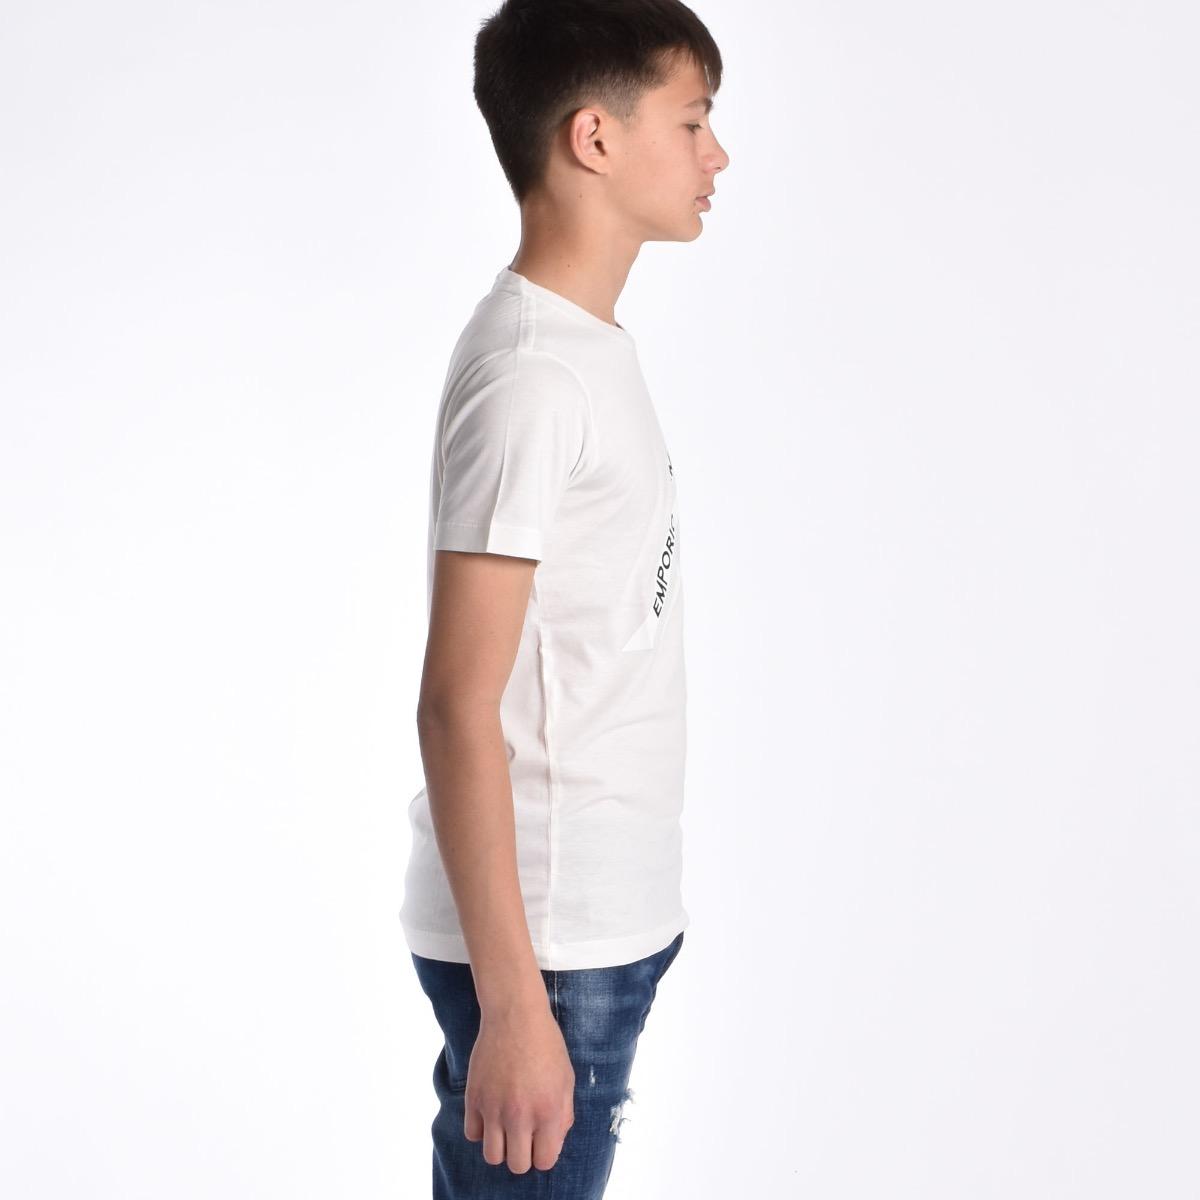 T-shirt fascia con logo - Bianca